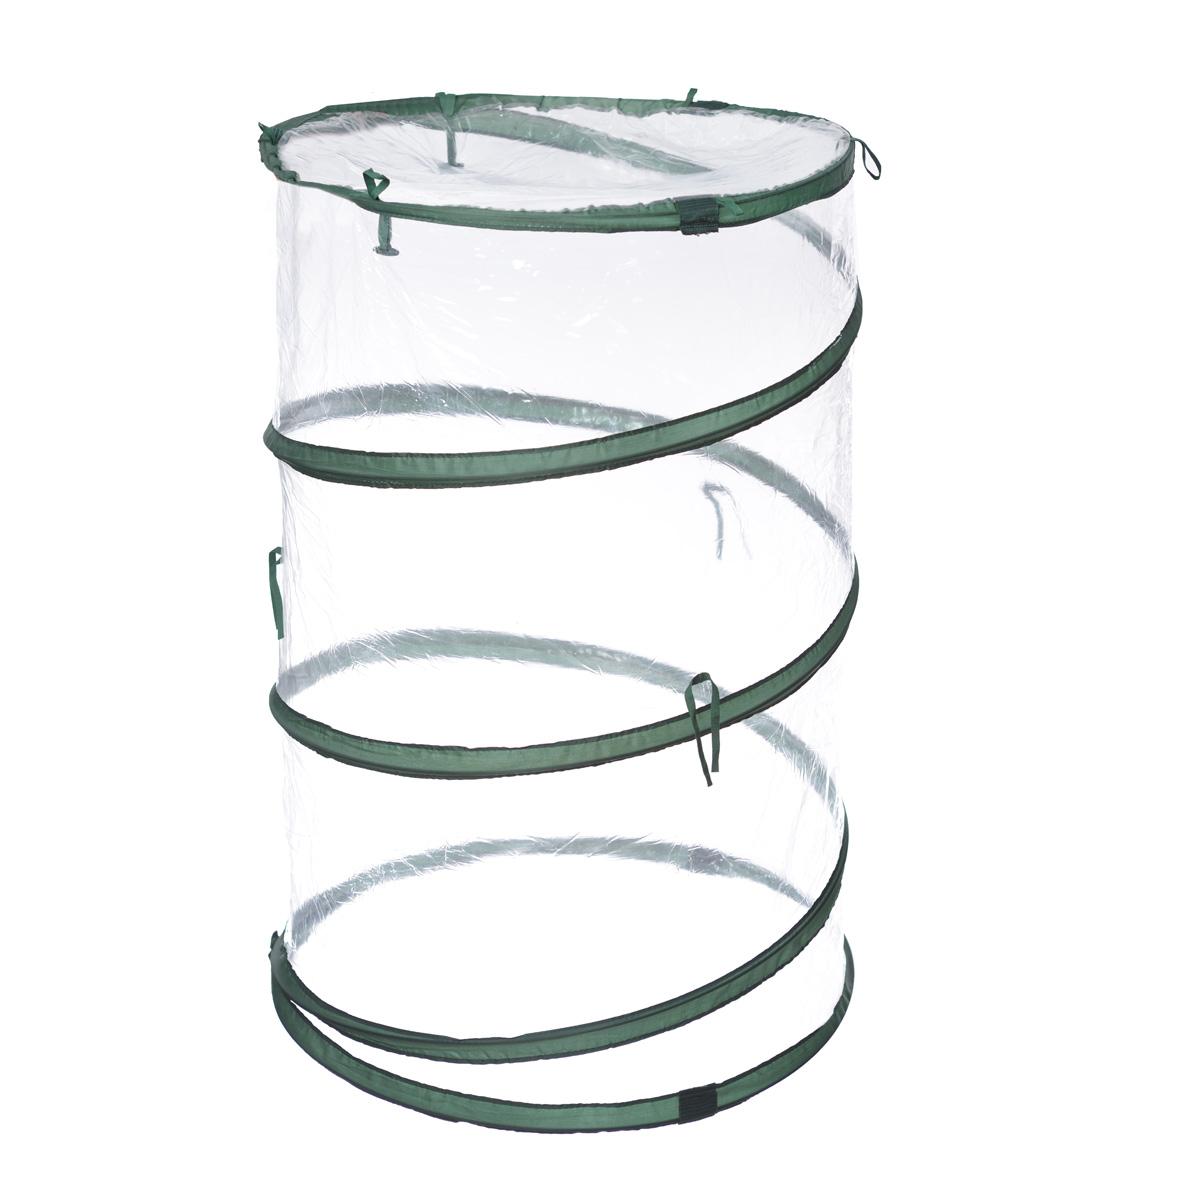 Мини-теплица Green Apple, 110 см х 70 см х 70 смGCH-023-08Мини-теплица Green Apple предназначена для выращивания рассады, цветов и овощей. Оснащена удобным и легким доступом к растениям.